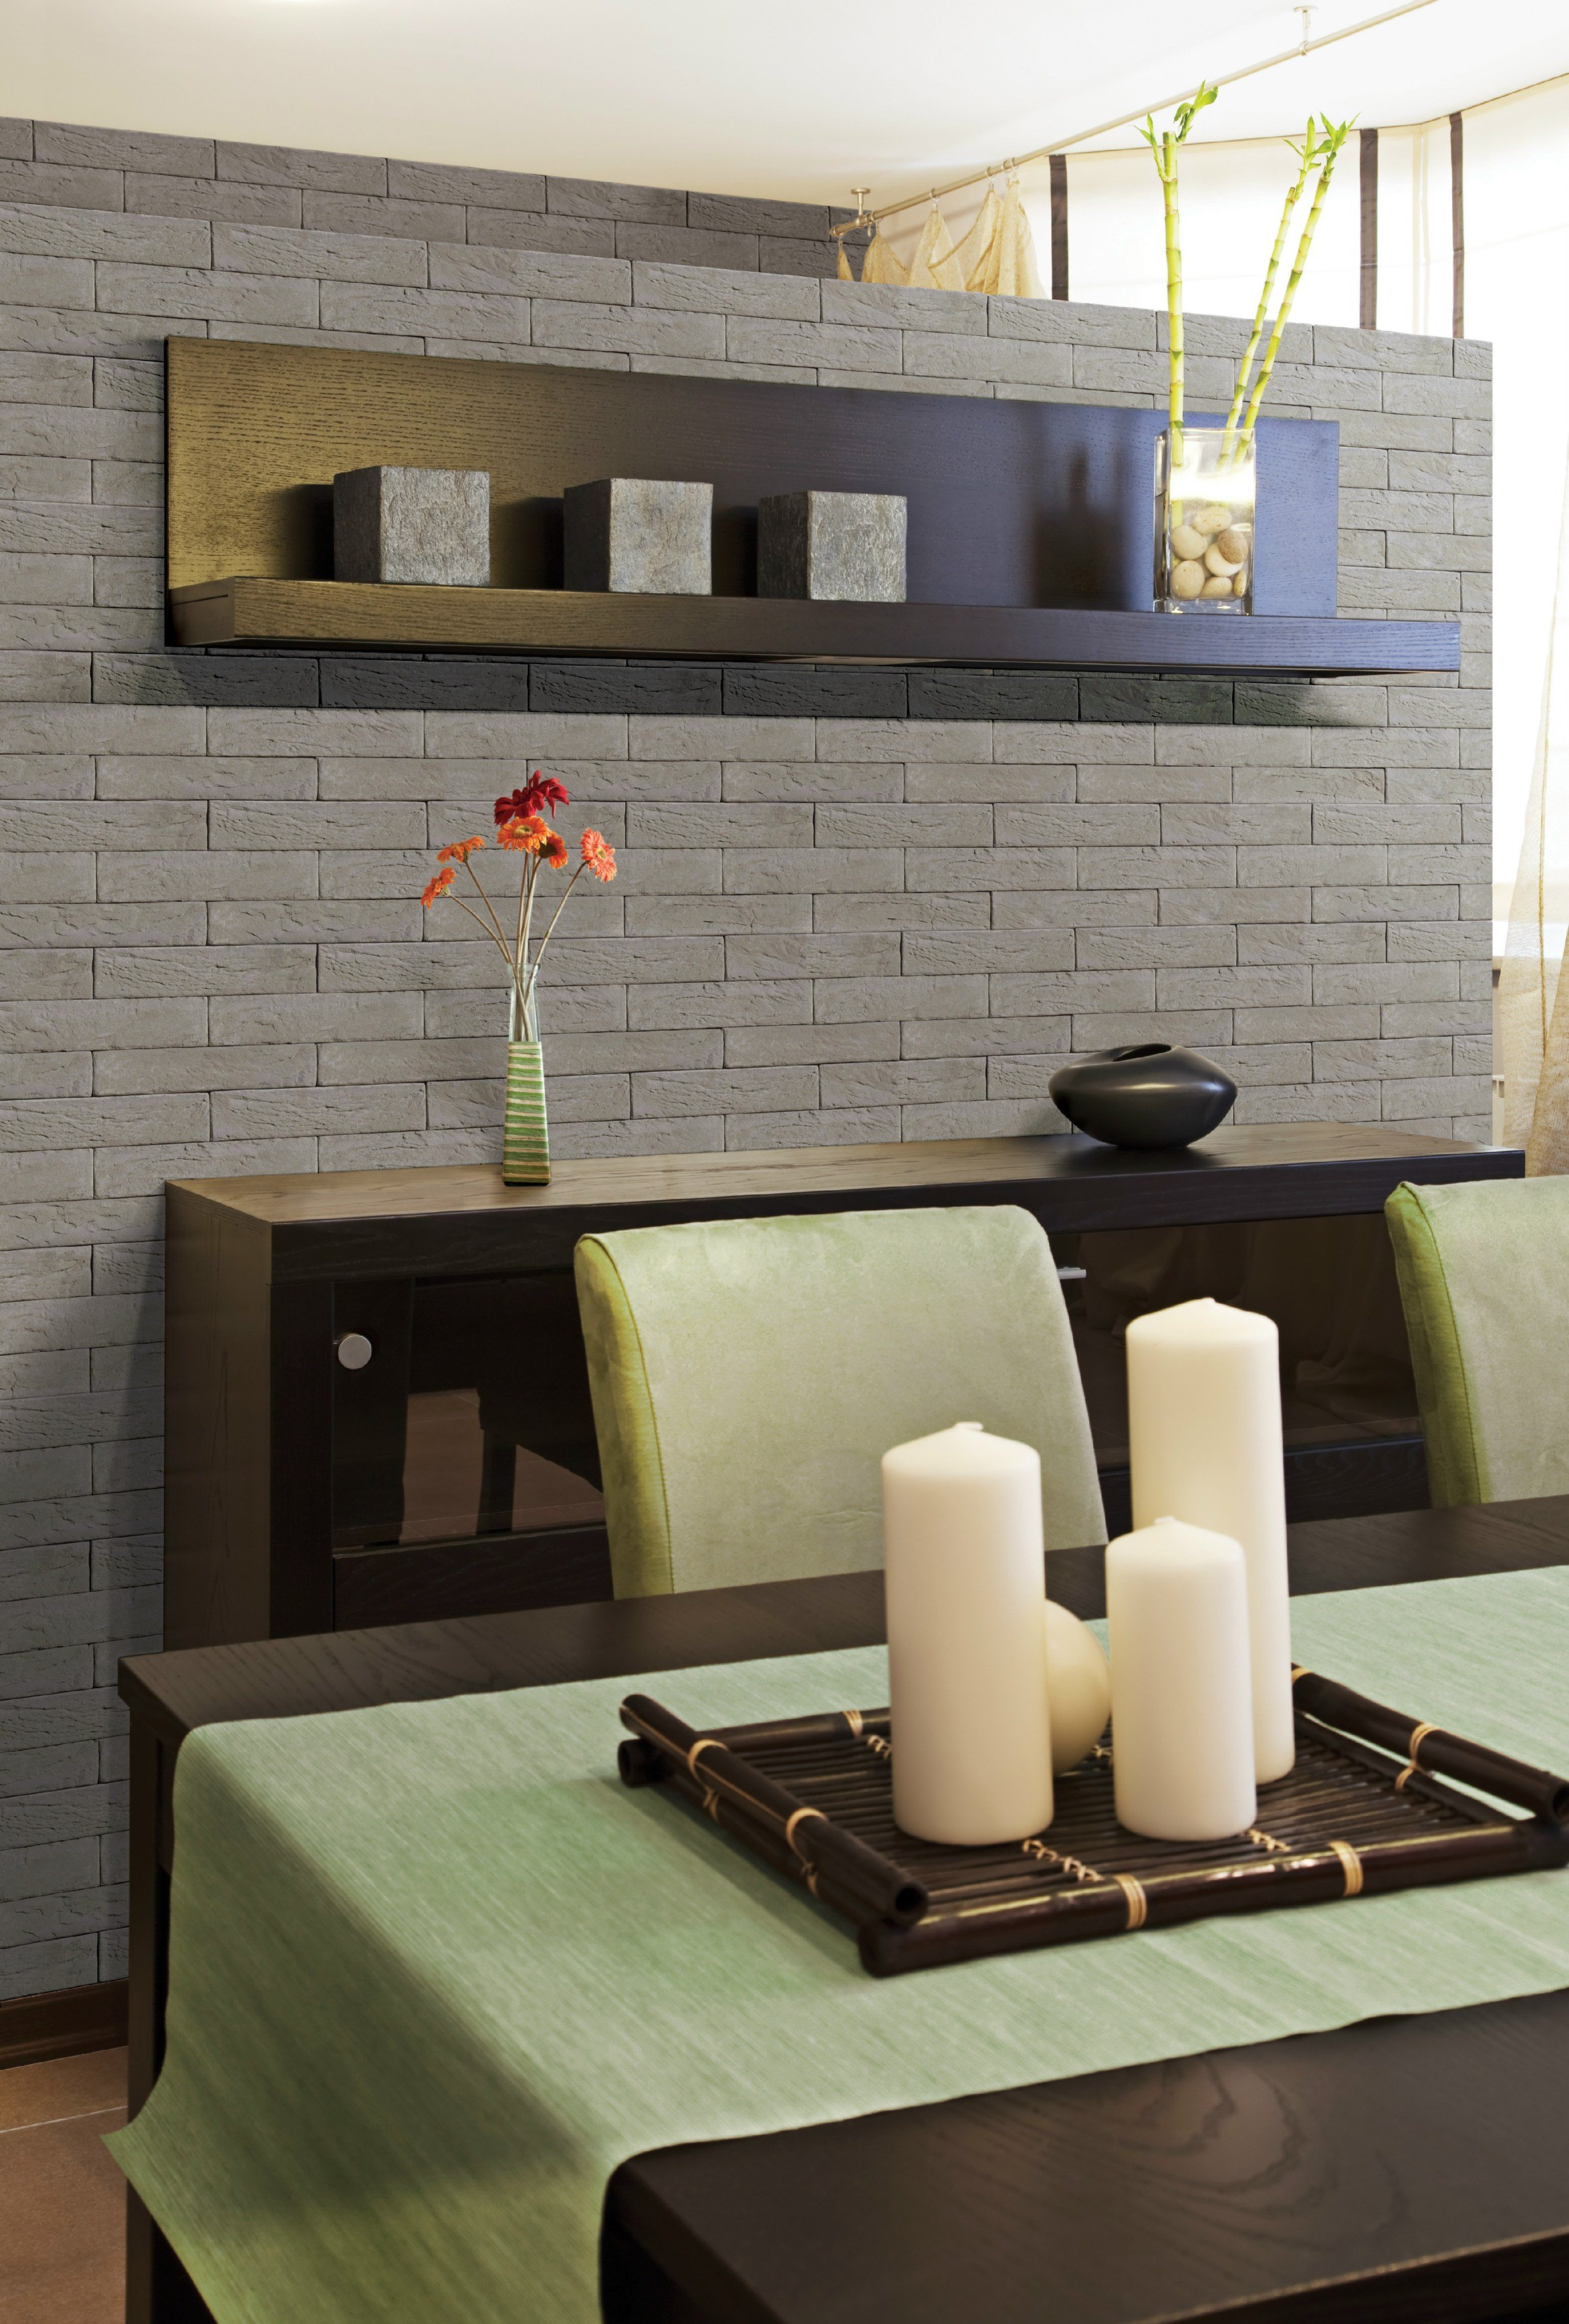 Revestimiento de pared suelo ecol gico de piedra for Revestimiento imitacion piedra interior